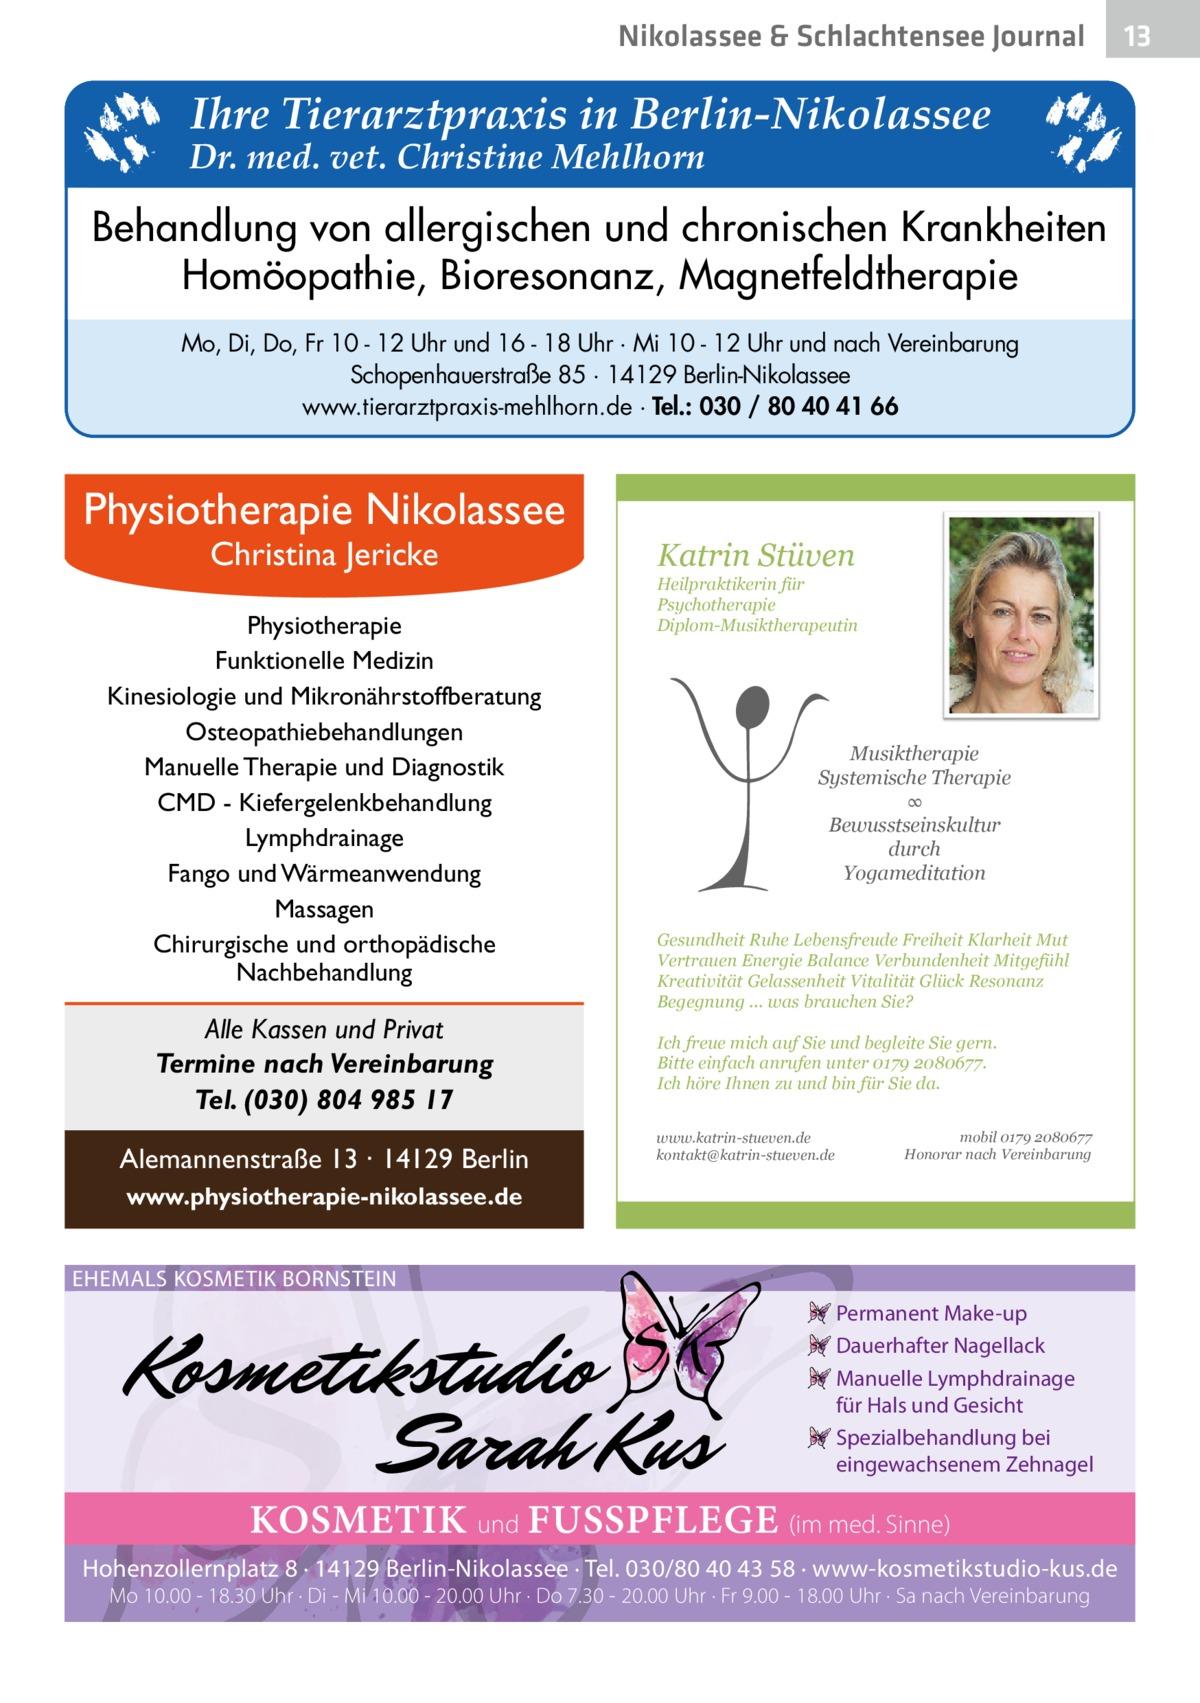 Nikolassee & Schlachtensee Journal  Ihre Tierarztpraxis in Berlin-Nikolassee  Dr. med. vet. Christine Mehlhorn  Behandlung von allergischen und chronischen Krankheiten Homöopathie, Bioresonanz, Magnetfeldtherapie Mo, Di, Do, Fr 10 - 12 Uhr und 16 - 18 Uhr · Mi 10 - 12 Uhr und nach Vereinbarung Schopenhauerstraße 85 · 14129 Berlin-Nikolassee www.tierarztpraxis-mehlhorn.de · Tel.: 030 / 80 40 41 66  Physiotherapie Nikolassee Christina Jericke  Physiotherapie Funktionelle Medizin Kinesiologie und Mikronährstoffberatung Osteopathiebehandlungen Manuelle Therapie und Diagnostik CMD - Kiefergelenkbehandlung Lymphdrainage Fango und Wärmeanwendung Massagen Chirurgische und orthopädische Nachbehandlung  Alle Kassen und Privat Termine nach Vereinbarung Tel. (030) 804 985 17 Alemannenstraße 13 · 14129 Berlin  Katrin Stüven  Heilpraktikerin für Psychotherapie Diplom-Musiktherapeutin  Musiktherapie Systemische Therapie ∞ Bewusstseinskultur durch Yogameditation Gesundheit Ruhe Lebensfreude Freiheit Klarheit Mut Vertrauen Energie Balance Verbundenheit Mitgefühl Kreativität Gelassenheit Vitalität Glück Resonanz Begegnung ... was brauchen Sie? Ich freue mich auf Sie und begleite Sie gern. Bitte einfach anrufen unter 0179 2080677. Ich höre Ihnen zu und bin für Sie da. www.katrin-stueven.de kontakt@katrin-stueven.de  mobil 0179 2080677 Honorar nach Vereinbarung  www.physiotherapie-nikolassee.de EHEMALS KOSMETIK BORNSTEIN Permanent Make-up Dauerhafter Nagellack Manuelle Lymphdrainage für Hals und Gesicht Spezialbehandlung bei eingewachsenem Zehnagel  KOSMETIK und FUSSPFLEGE (im med. Sinne) Hohenzollernplatz 8 · 14129 Berlin-Nikolassee · Tel. 030/80 40 43 58 · www-kosmetikstudio-kus.de Mo 10.00 - 18.30 Uhr · Di - Mi 10.00 - 20.00 Uhr · Do 7.30 - 20.00 Uhr · Fr 9.00 - 18.00 Uhr · Sa nach Vereinbarung  13